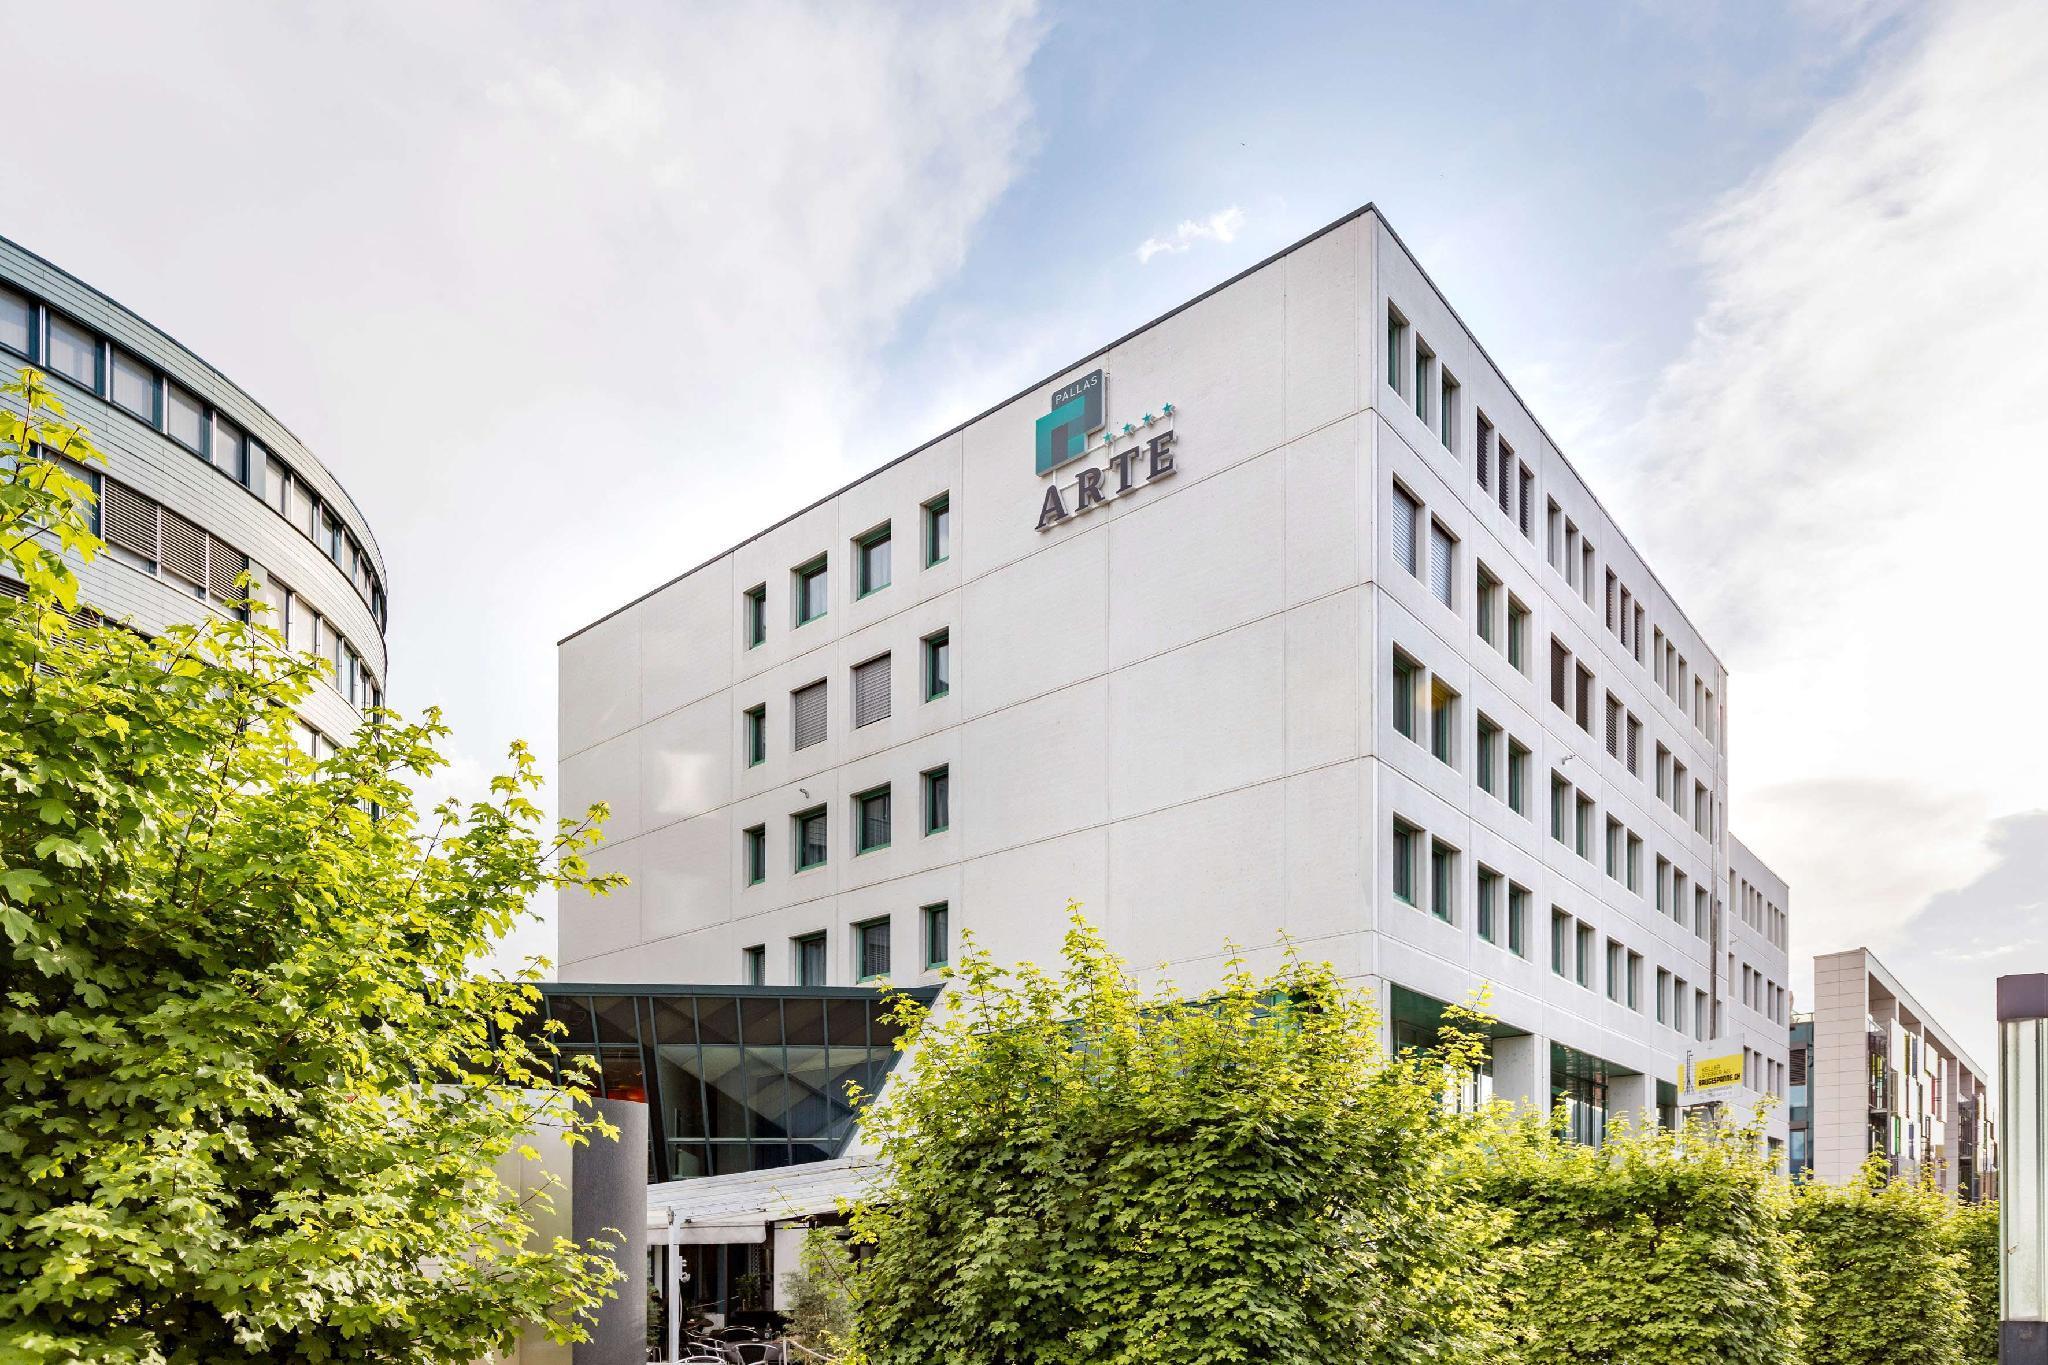 Hotel Arte Konferenzzentrum, Olten